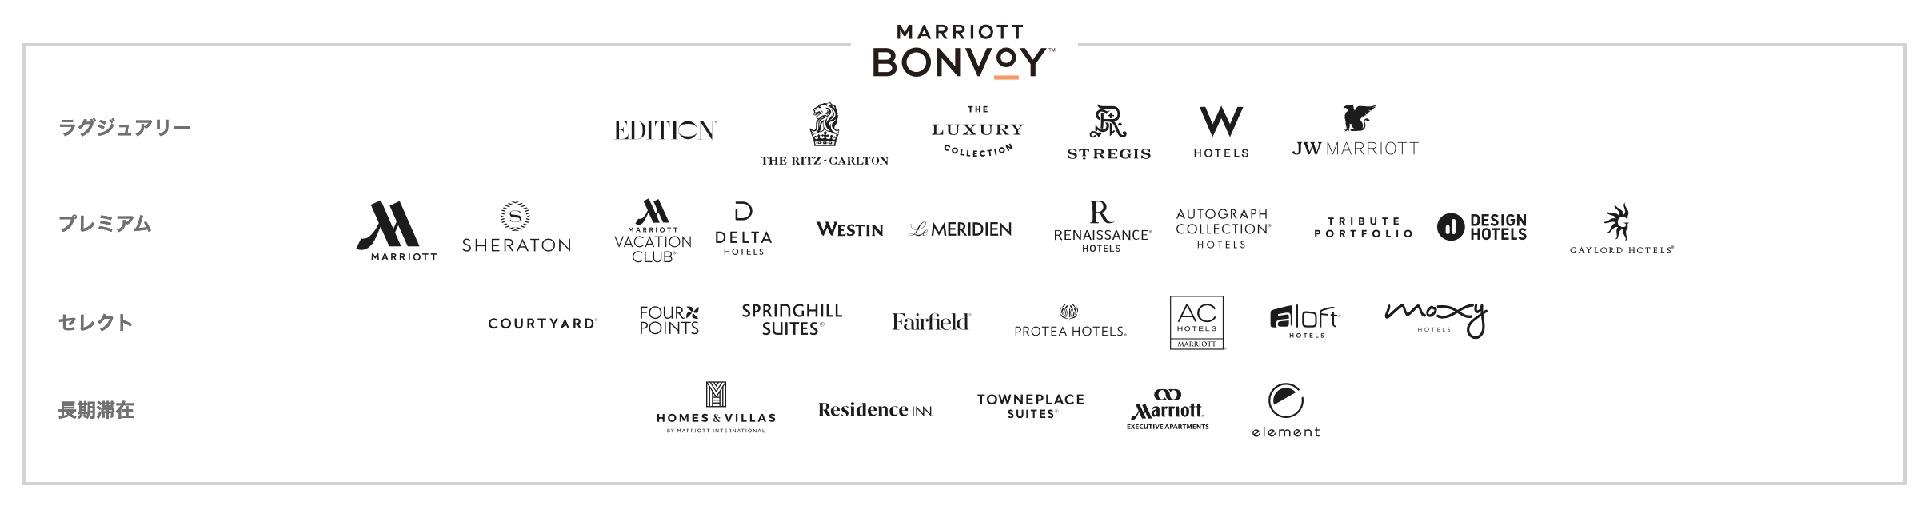 マリオットボンヴォイ(Marriott Bonvoy)に参加のブランド